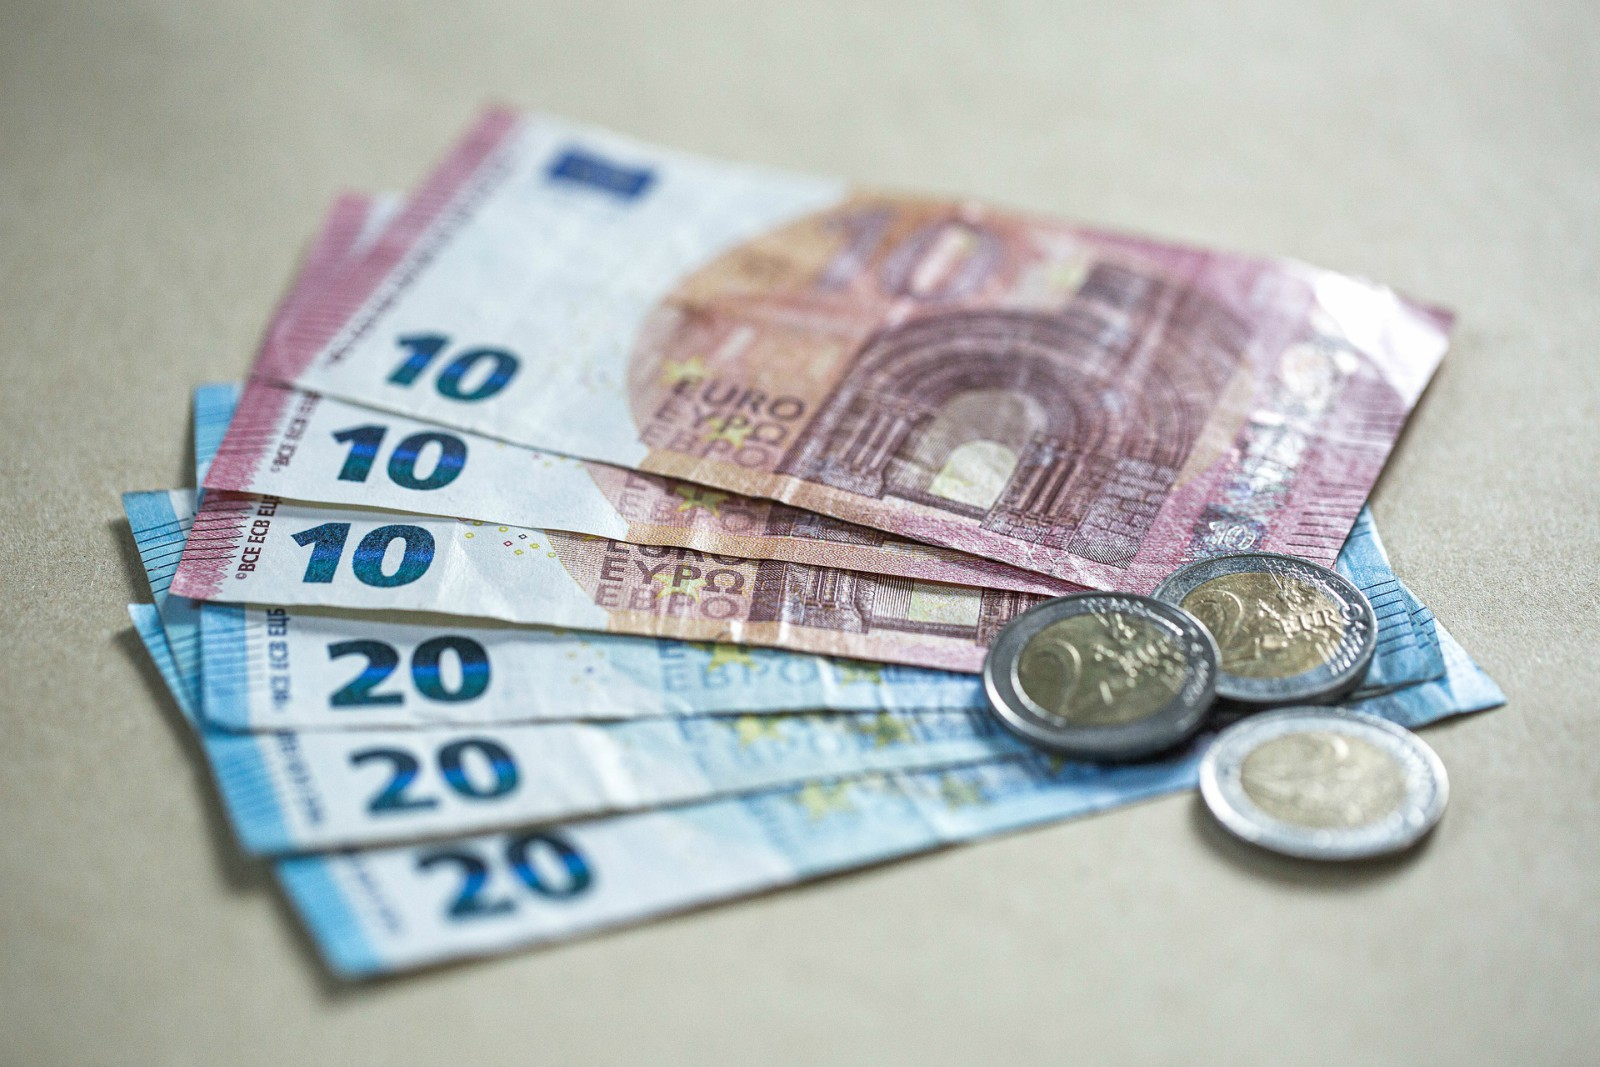 I prestiti pitagora sono finanziamenti erogati dall'istituto finanziario Pitagora a dipendenti pubblici, privati, e pensionati.